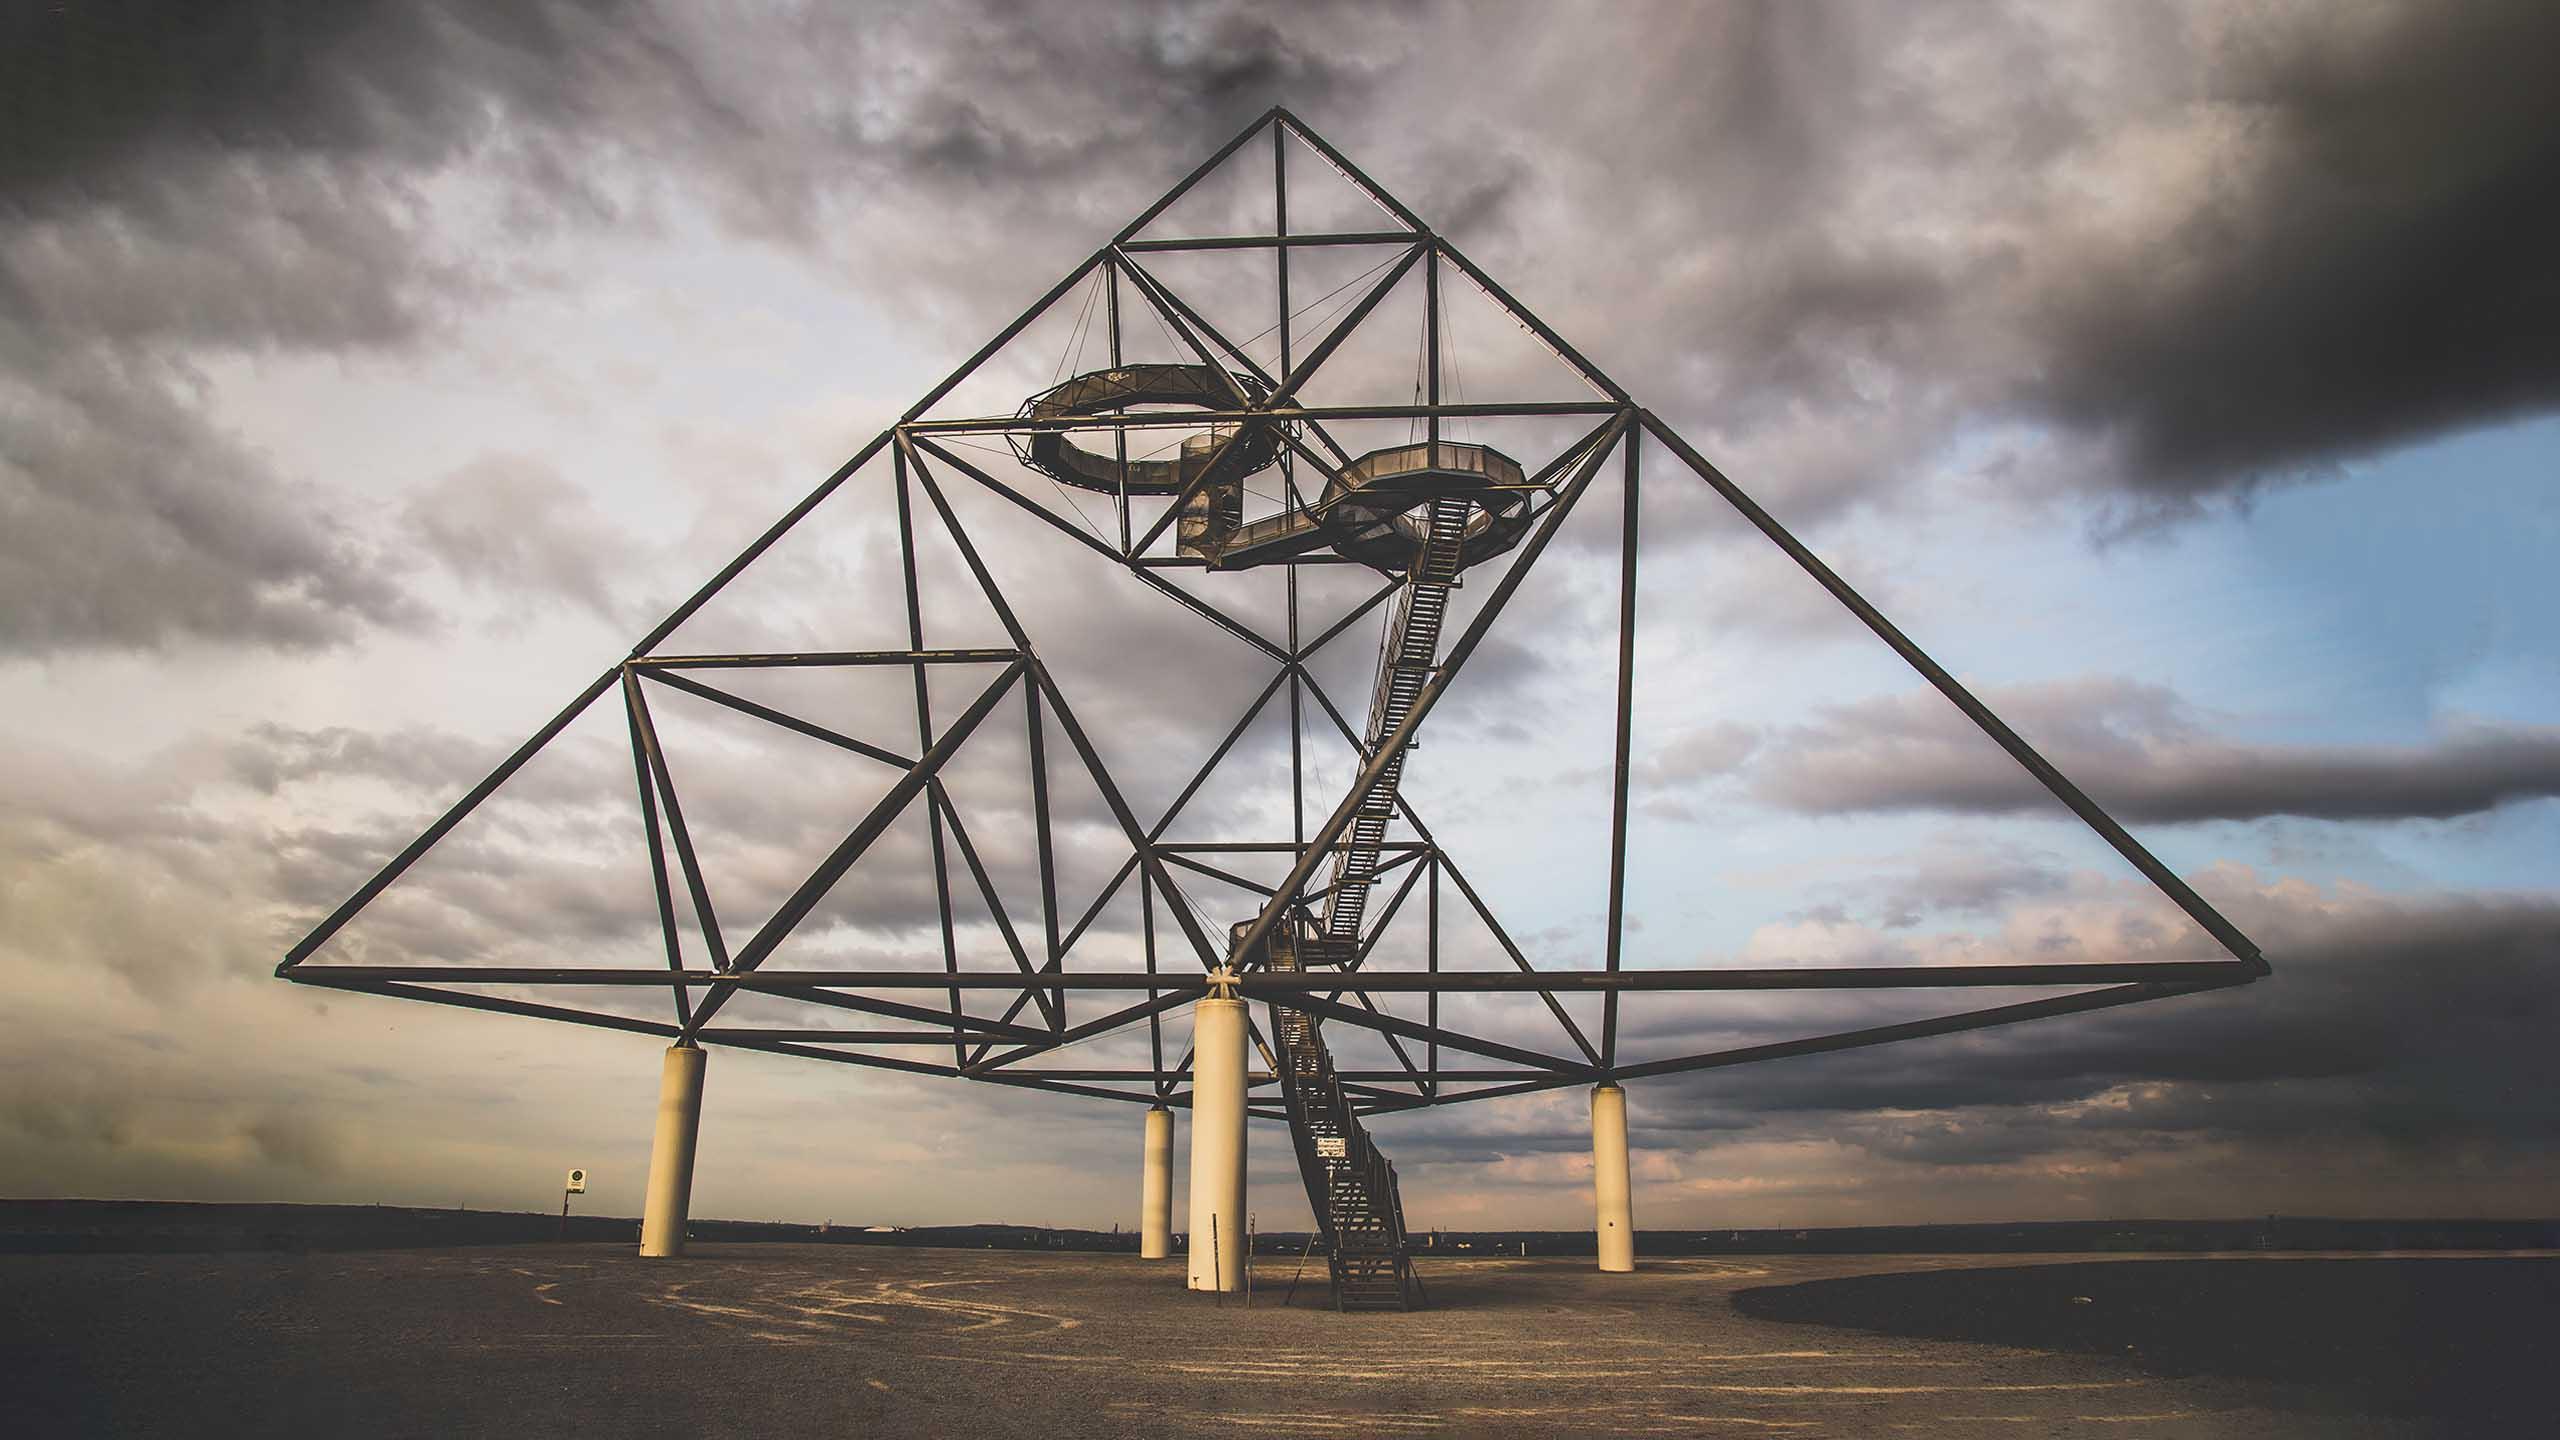 Foto vom Tetraeder in Bottrop mit düsteren Wolken.